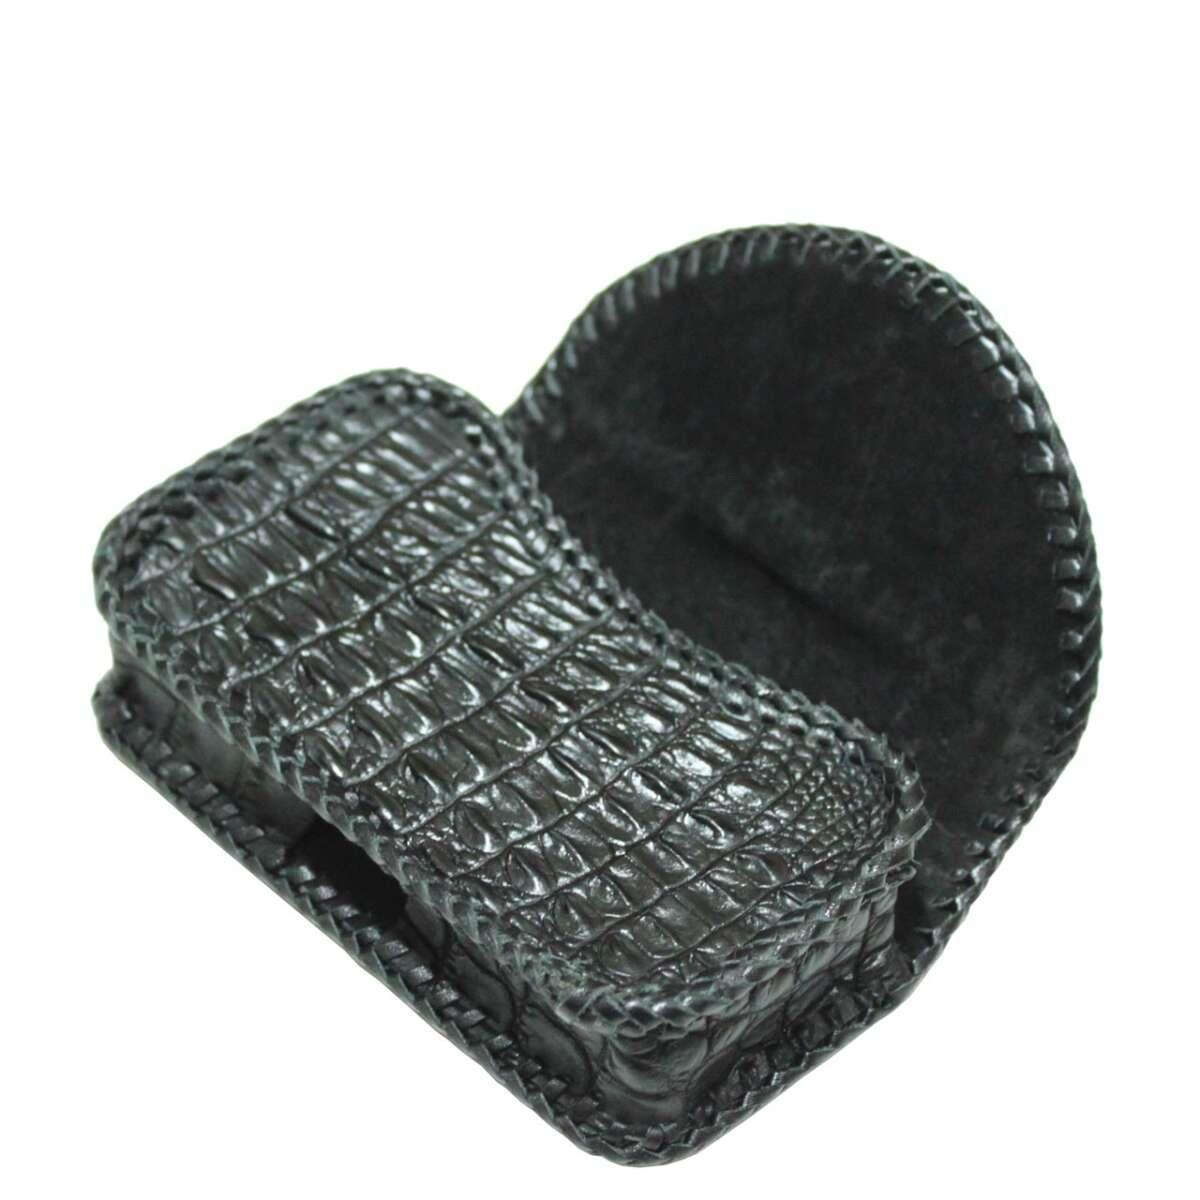 Bao điện thoại đeo lưng 8800 da cá sấu S1002a